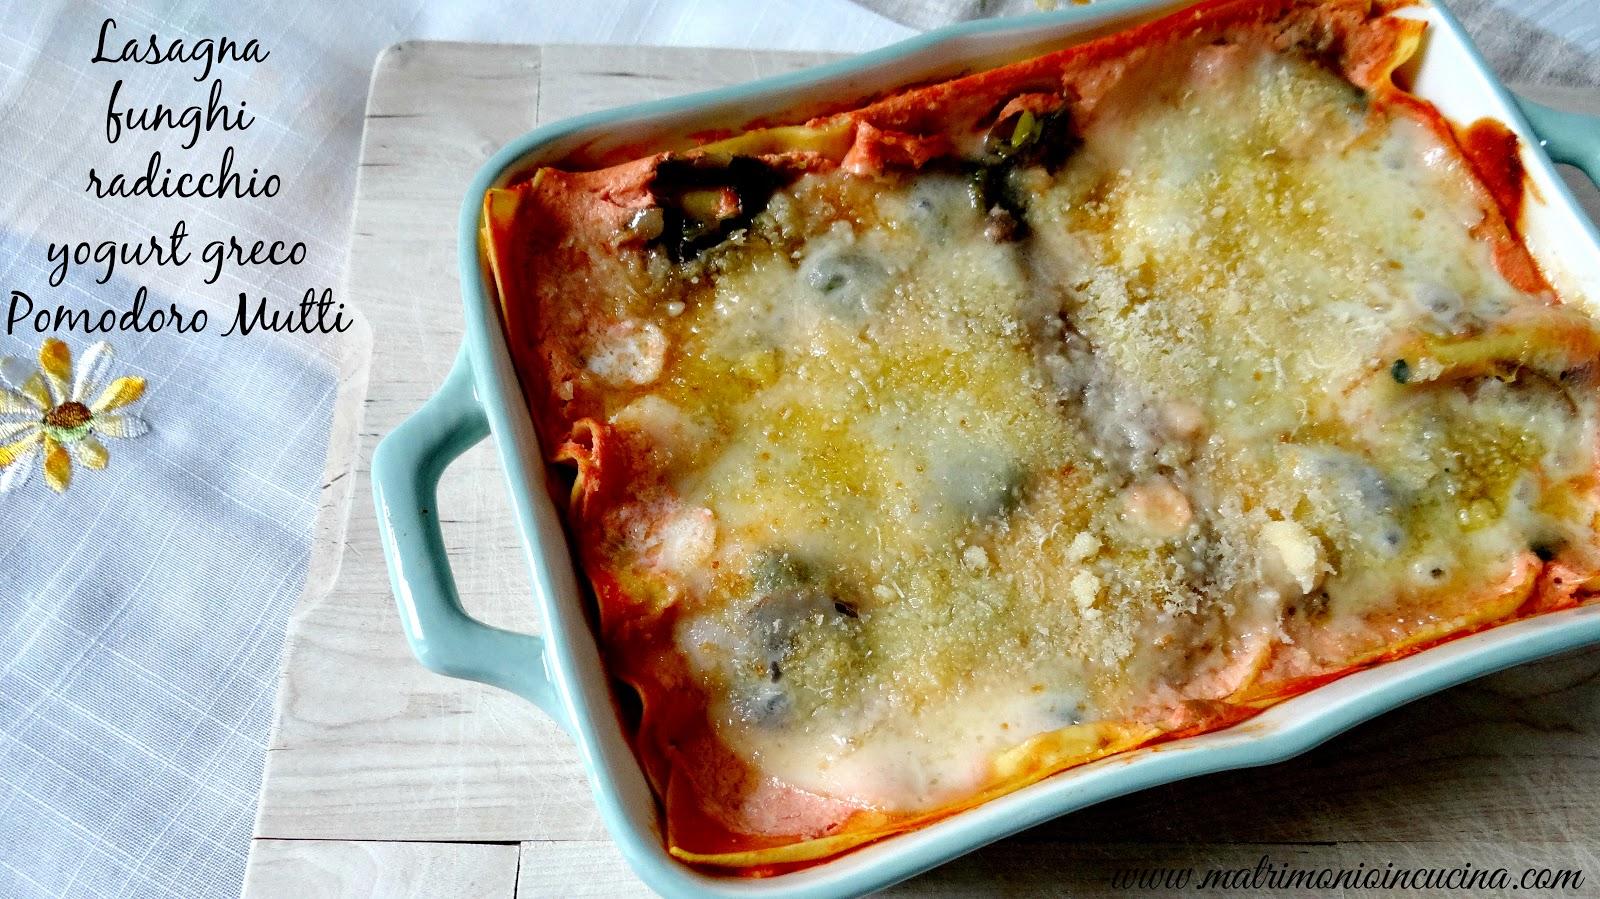 Lasagna con yogurt greco, radicchio, funghi,passata Mutti